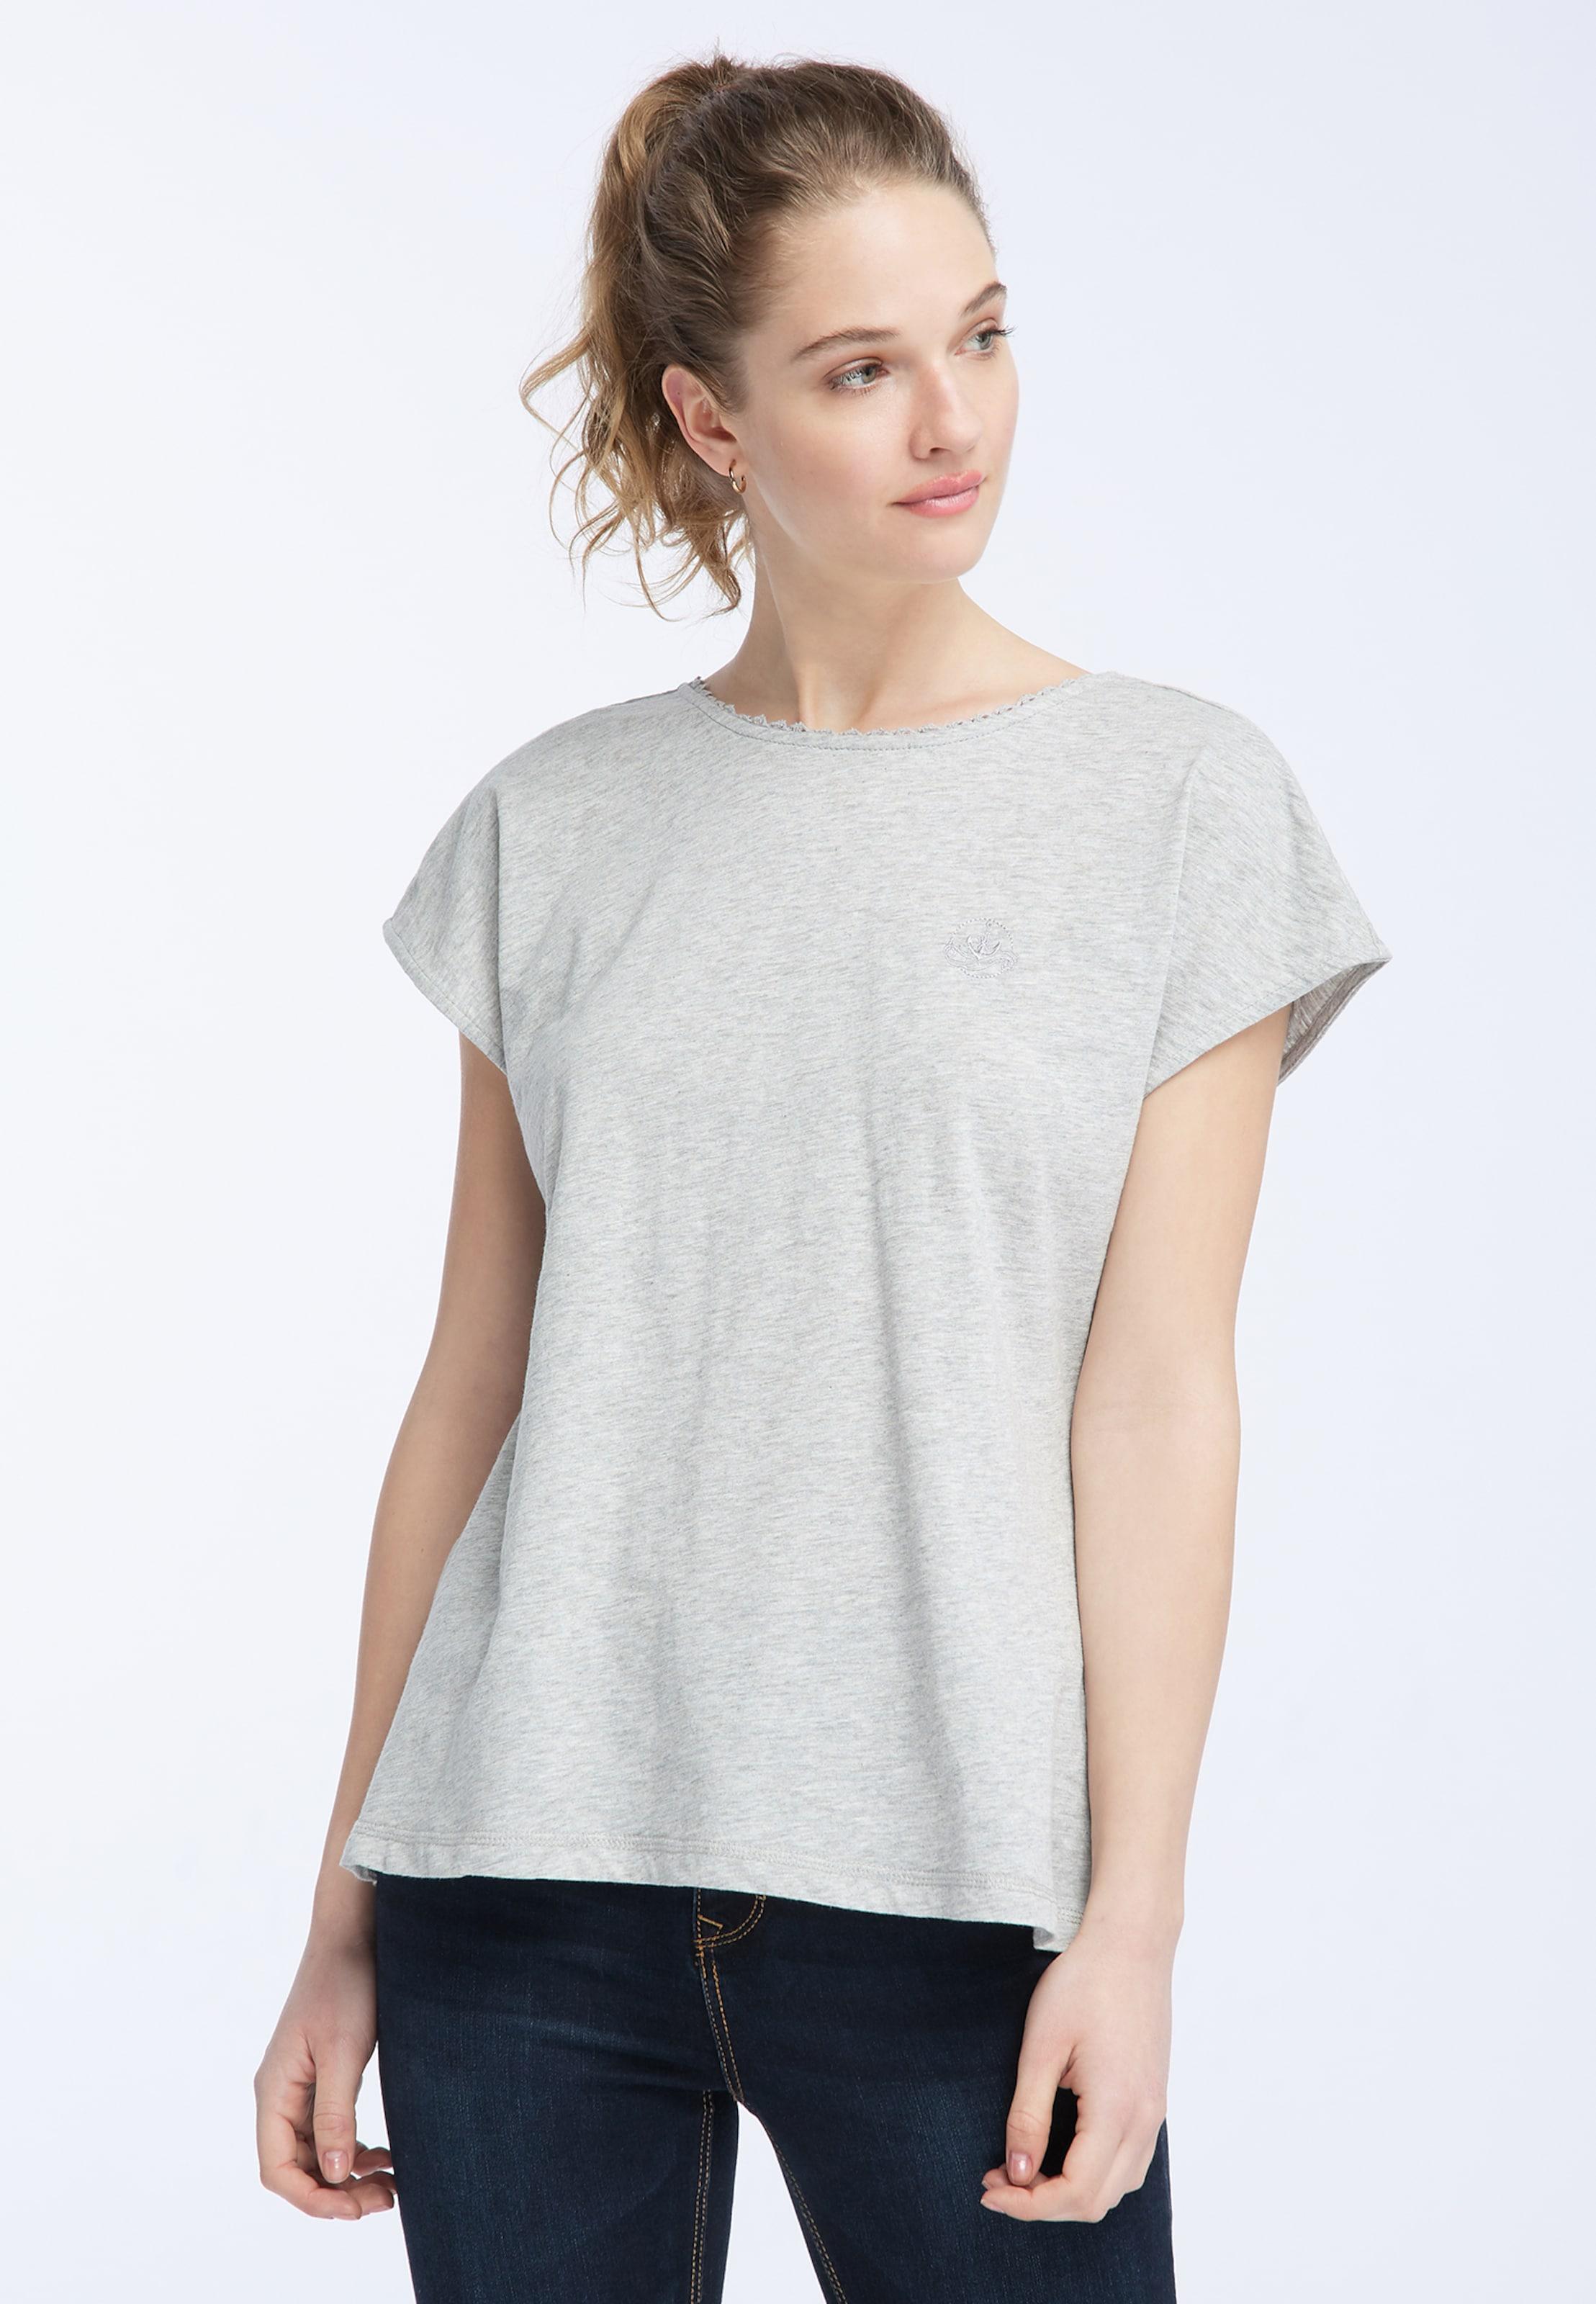 Graumeliert Dreimaster Shirt In Dreimaster Shirt ZuwPiTOXk